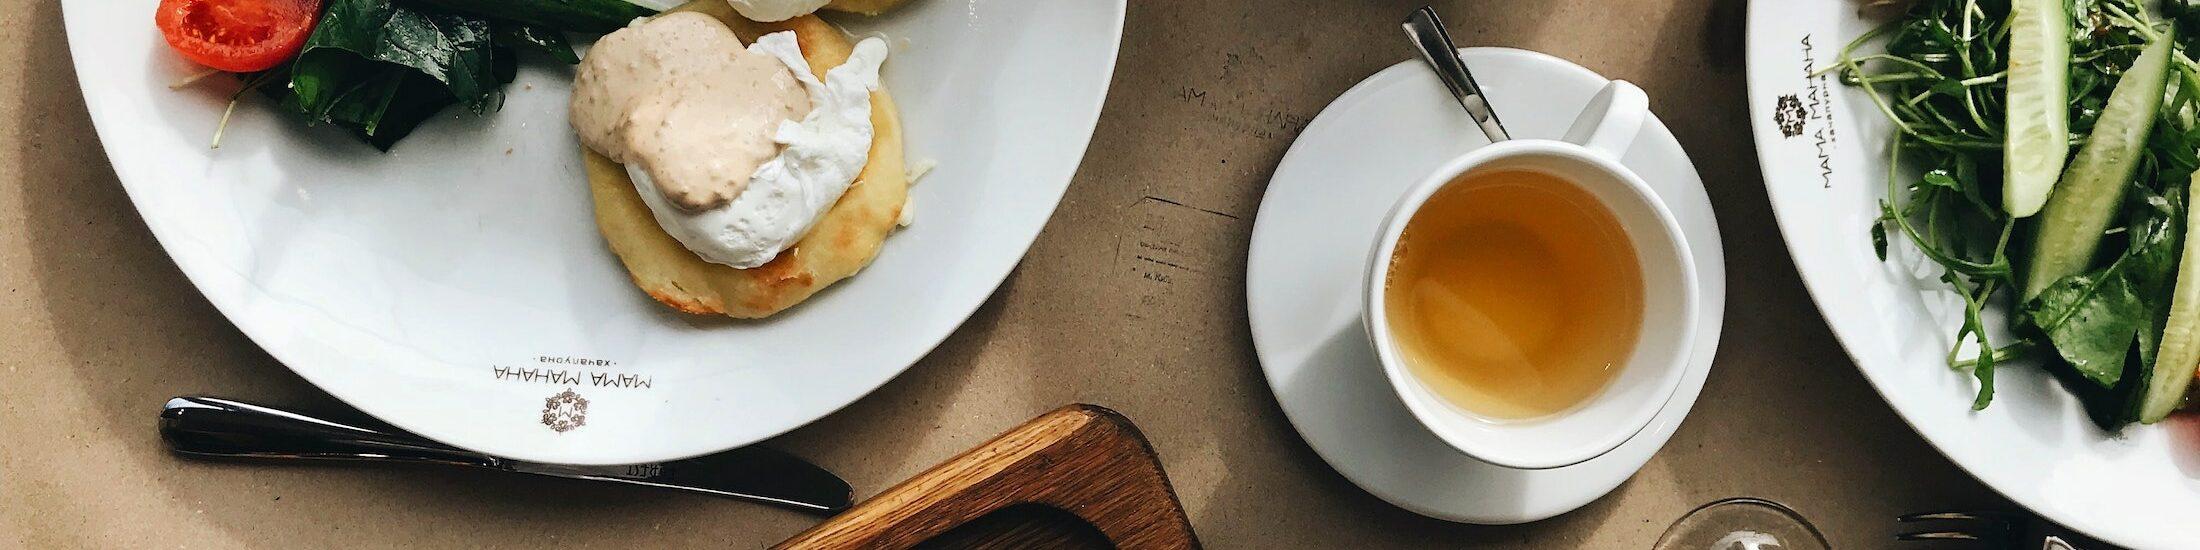 Kaffeeservice in der Sterneküche, hier ist noch viel Potential um sich abzuheben